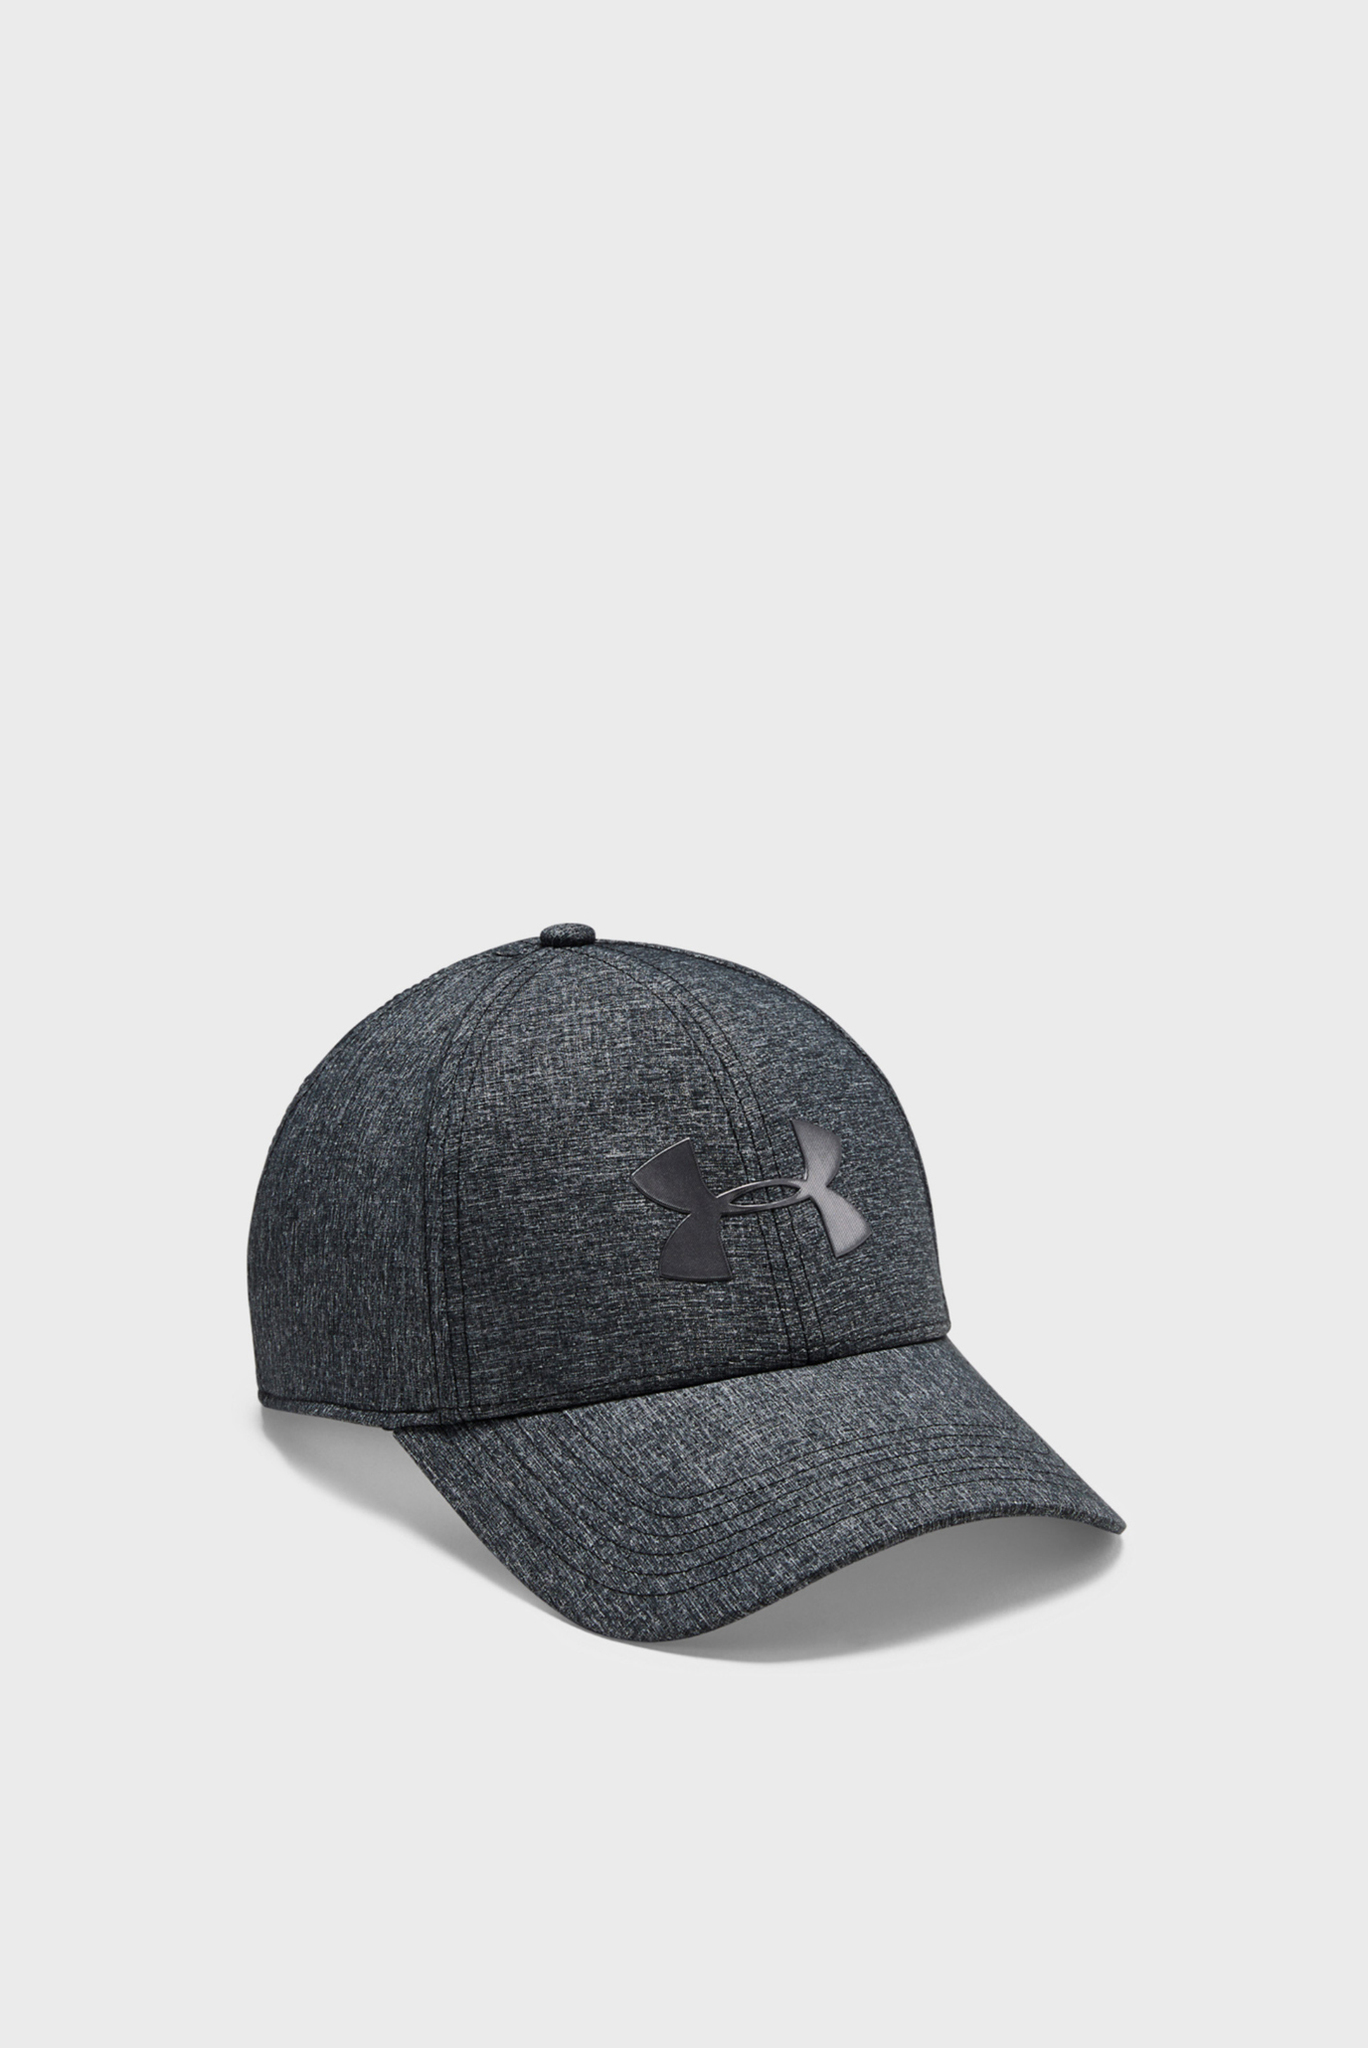 Мужская черная кепка UA Adjustable Airvent Cool Cap-BLK Under Armour